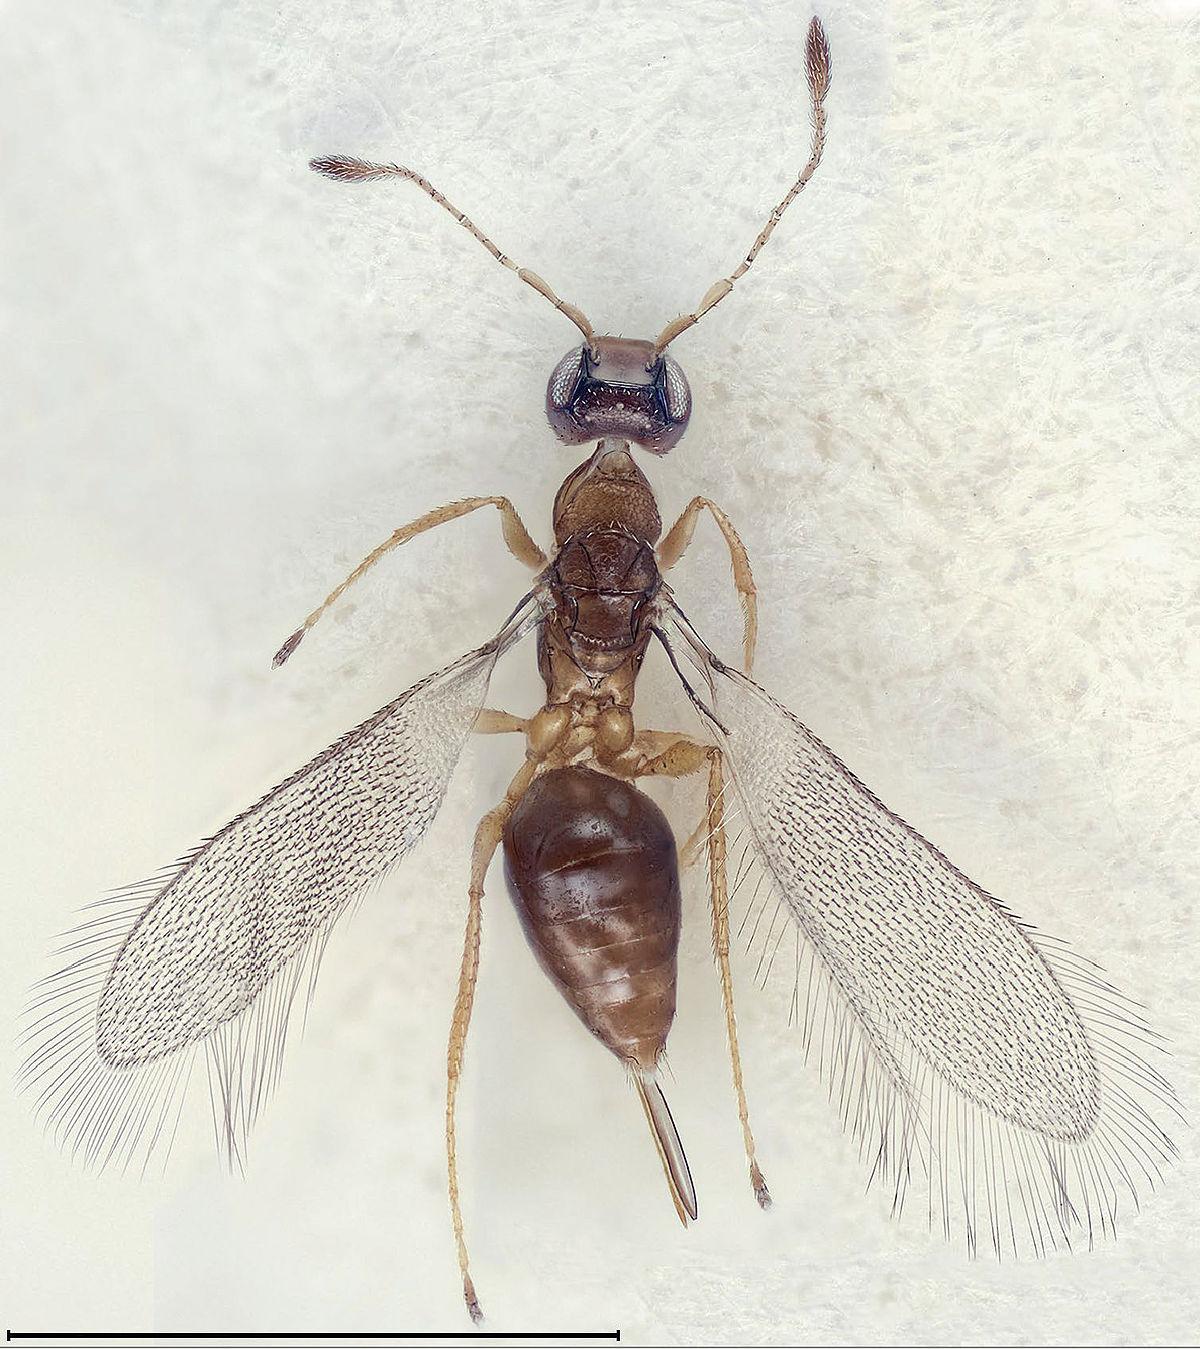 das kleinste insekt der welt